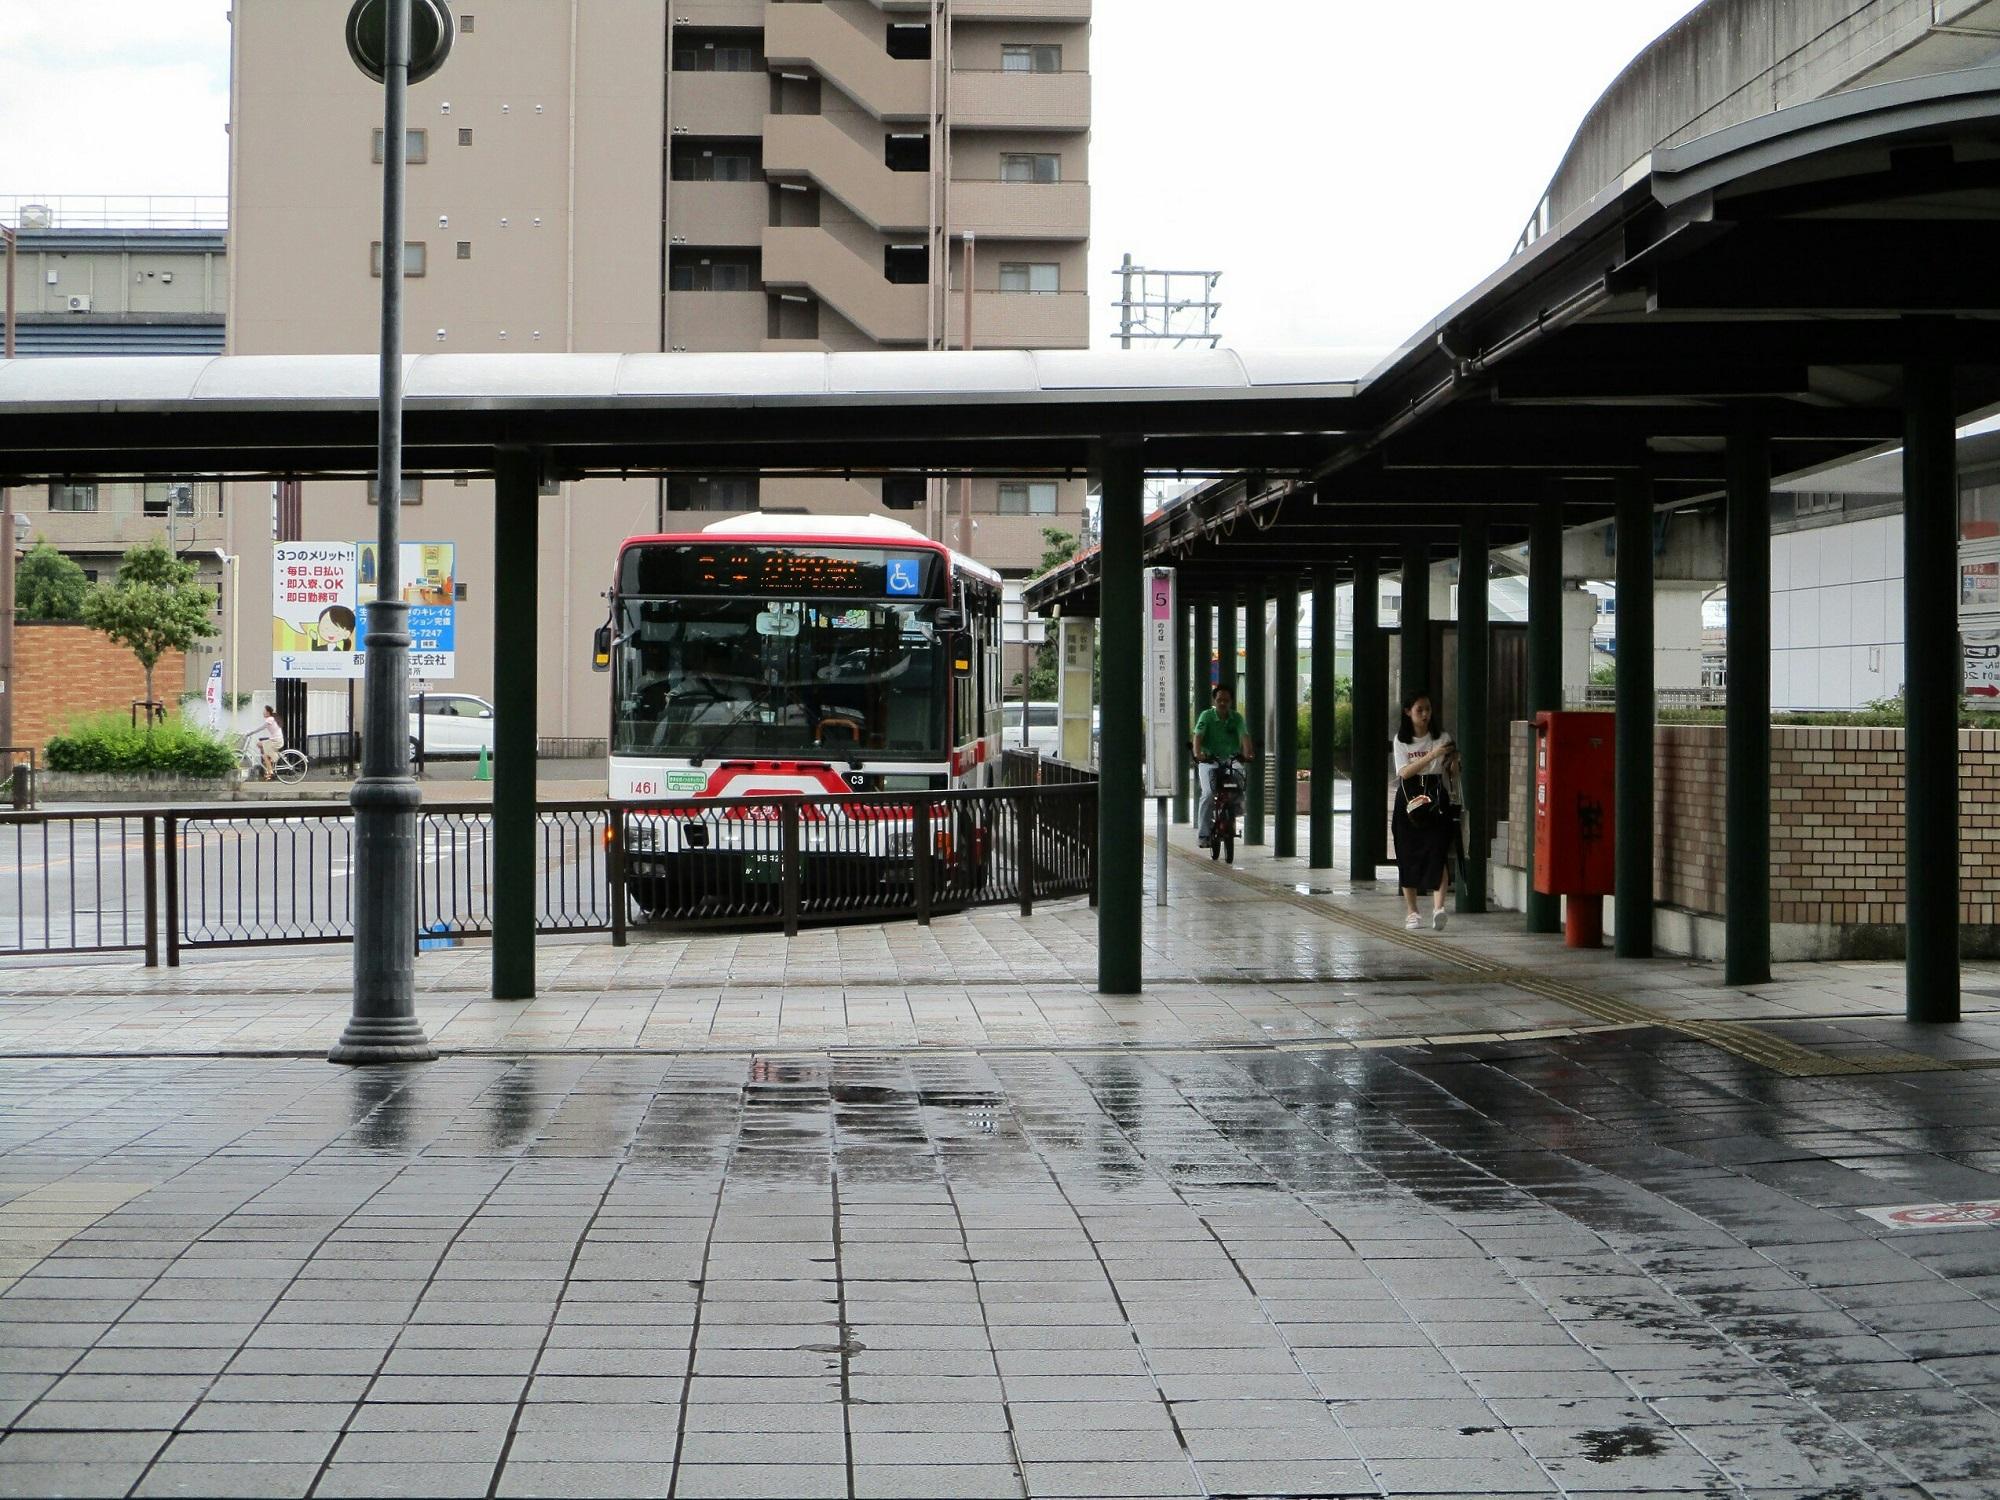 2018.6.30 (39) 小牧駅 - 小牧駅いきバス 2000-1500